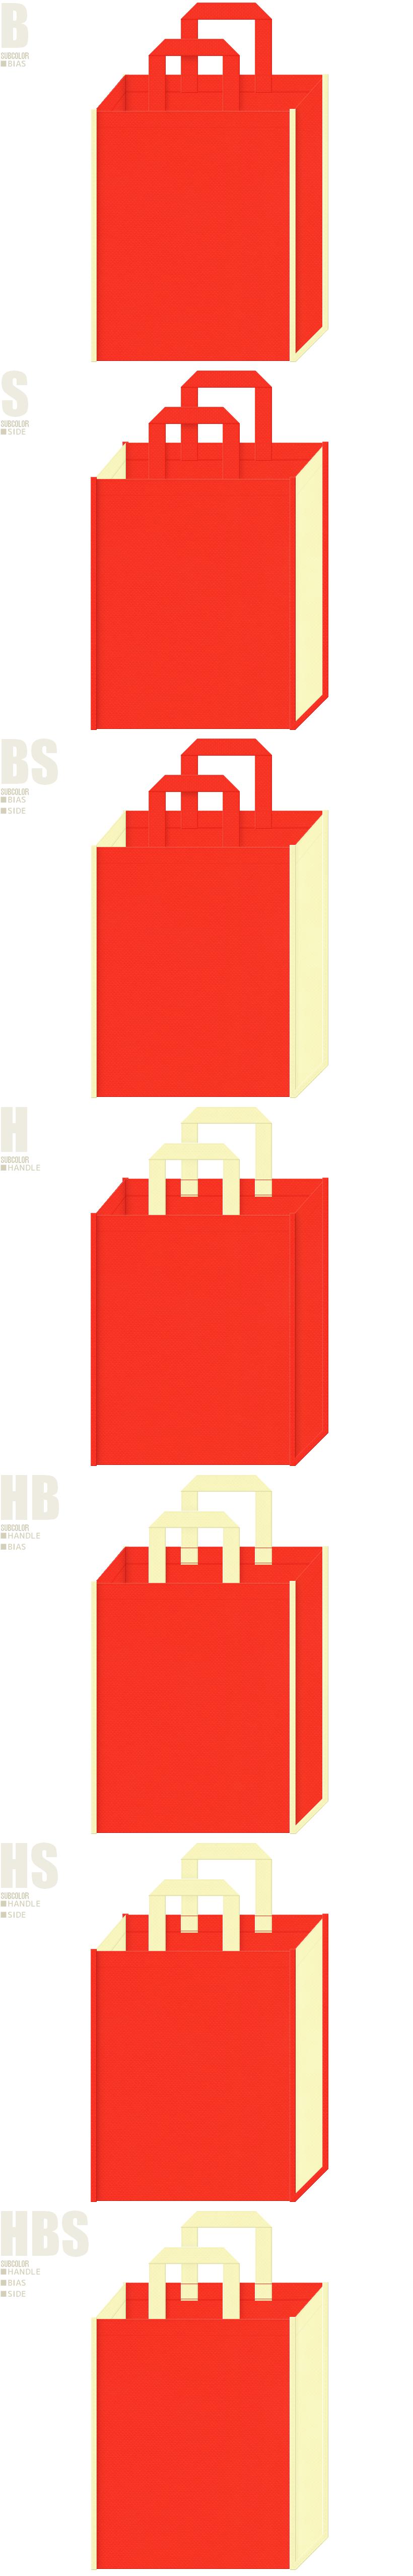 たまご・サラダ油・調味料・マヨネーズ・お料理教室・レシピ・キッチン・ランチバッグにお奨めの不織布バッグデザイン:オレンジ色と薄黄色の配色7パターン